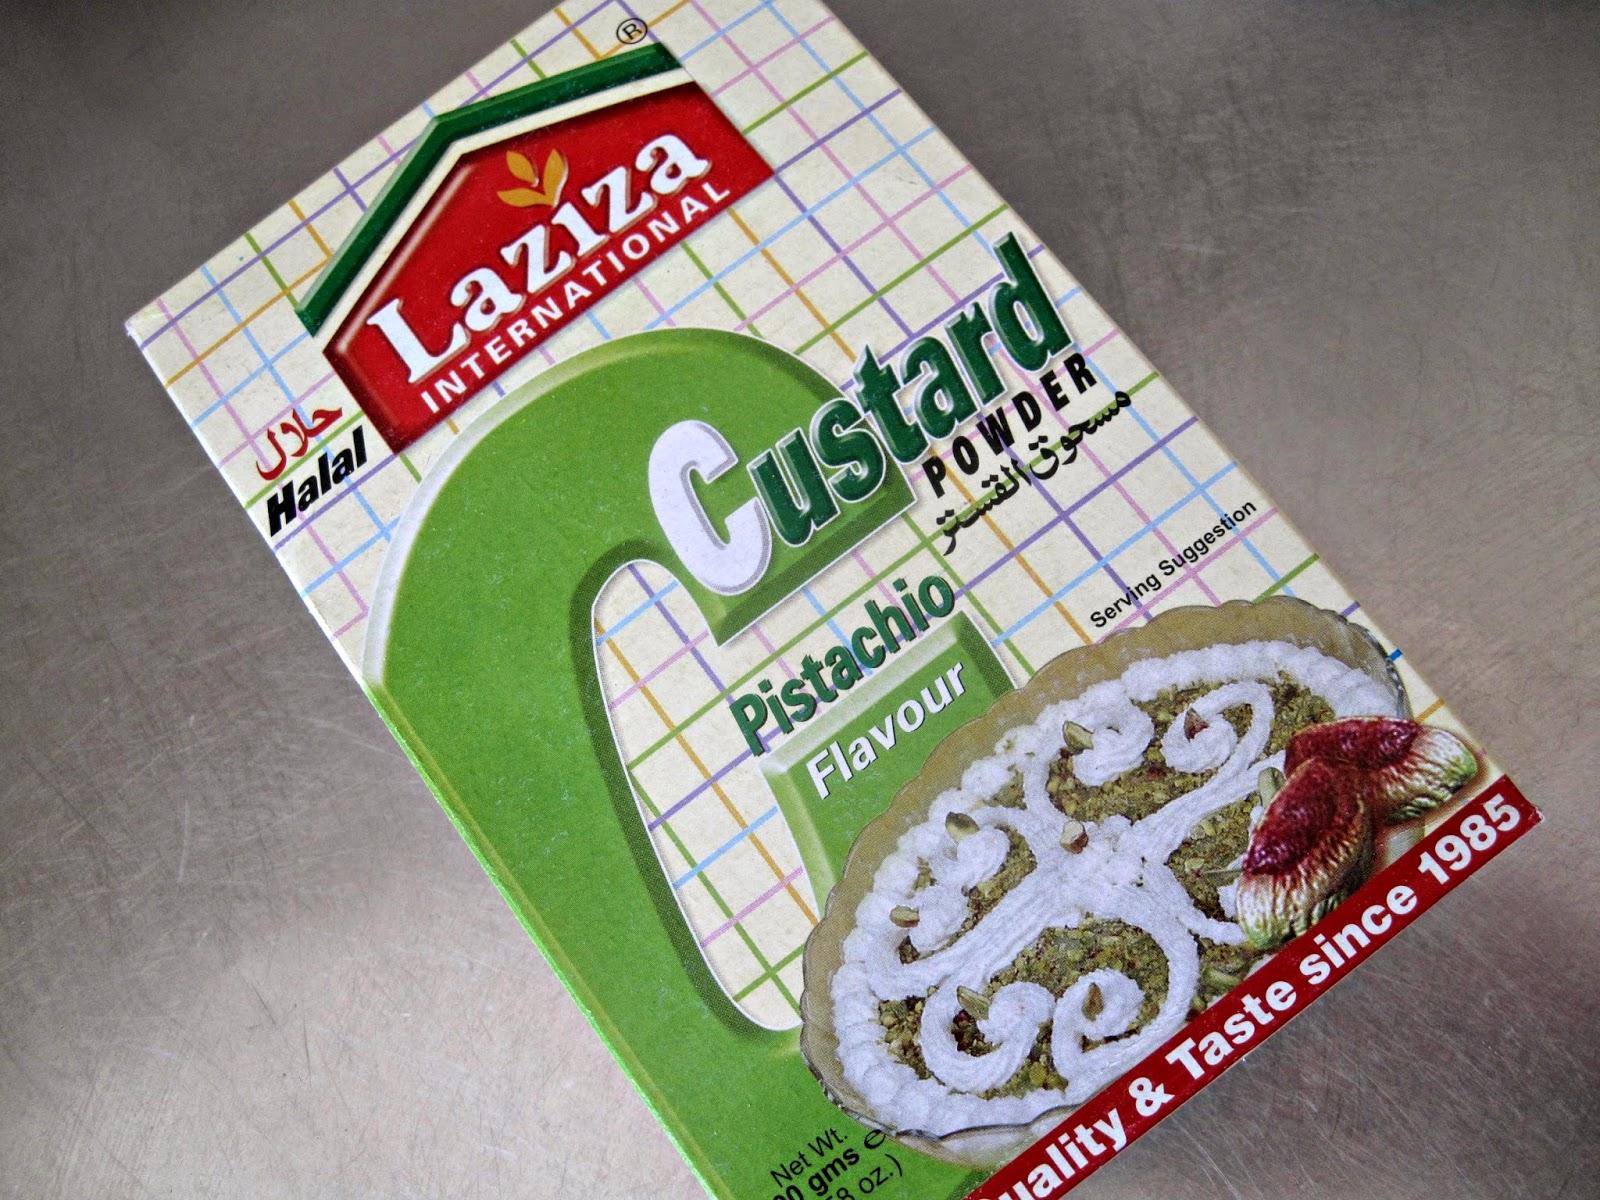 http://cupcakeluvs.blogspot.dk/2014/05/pistacie-custard-snegle-pistacio.html